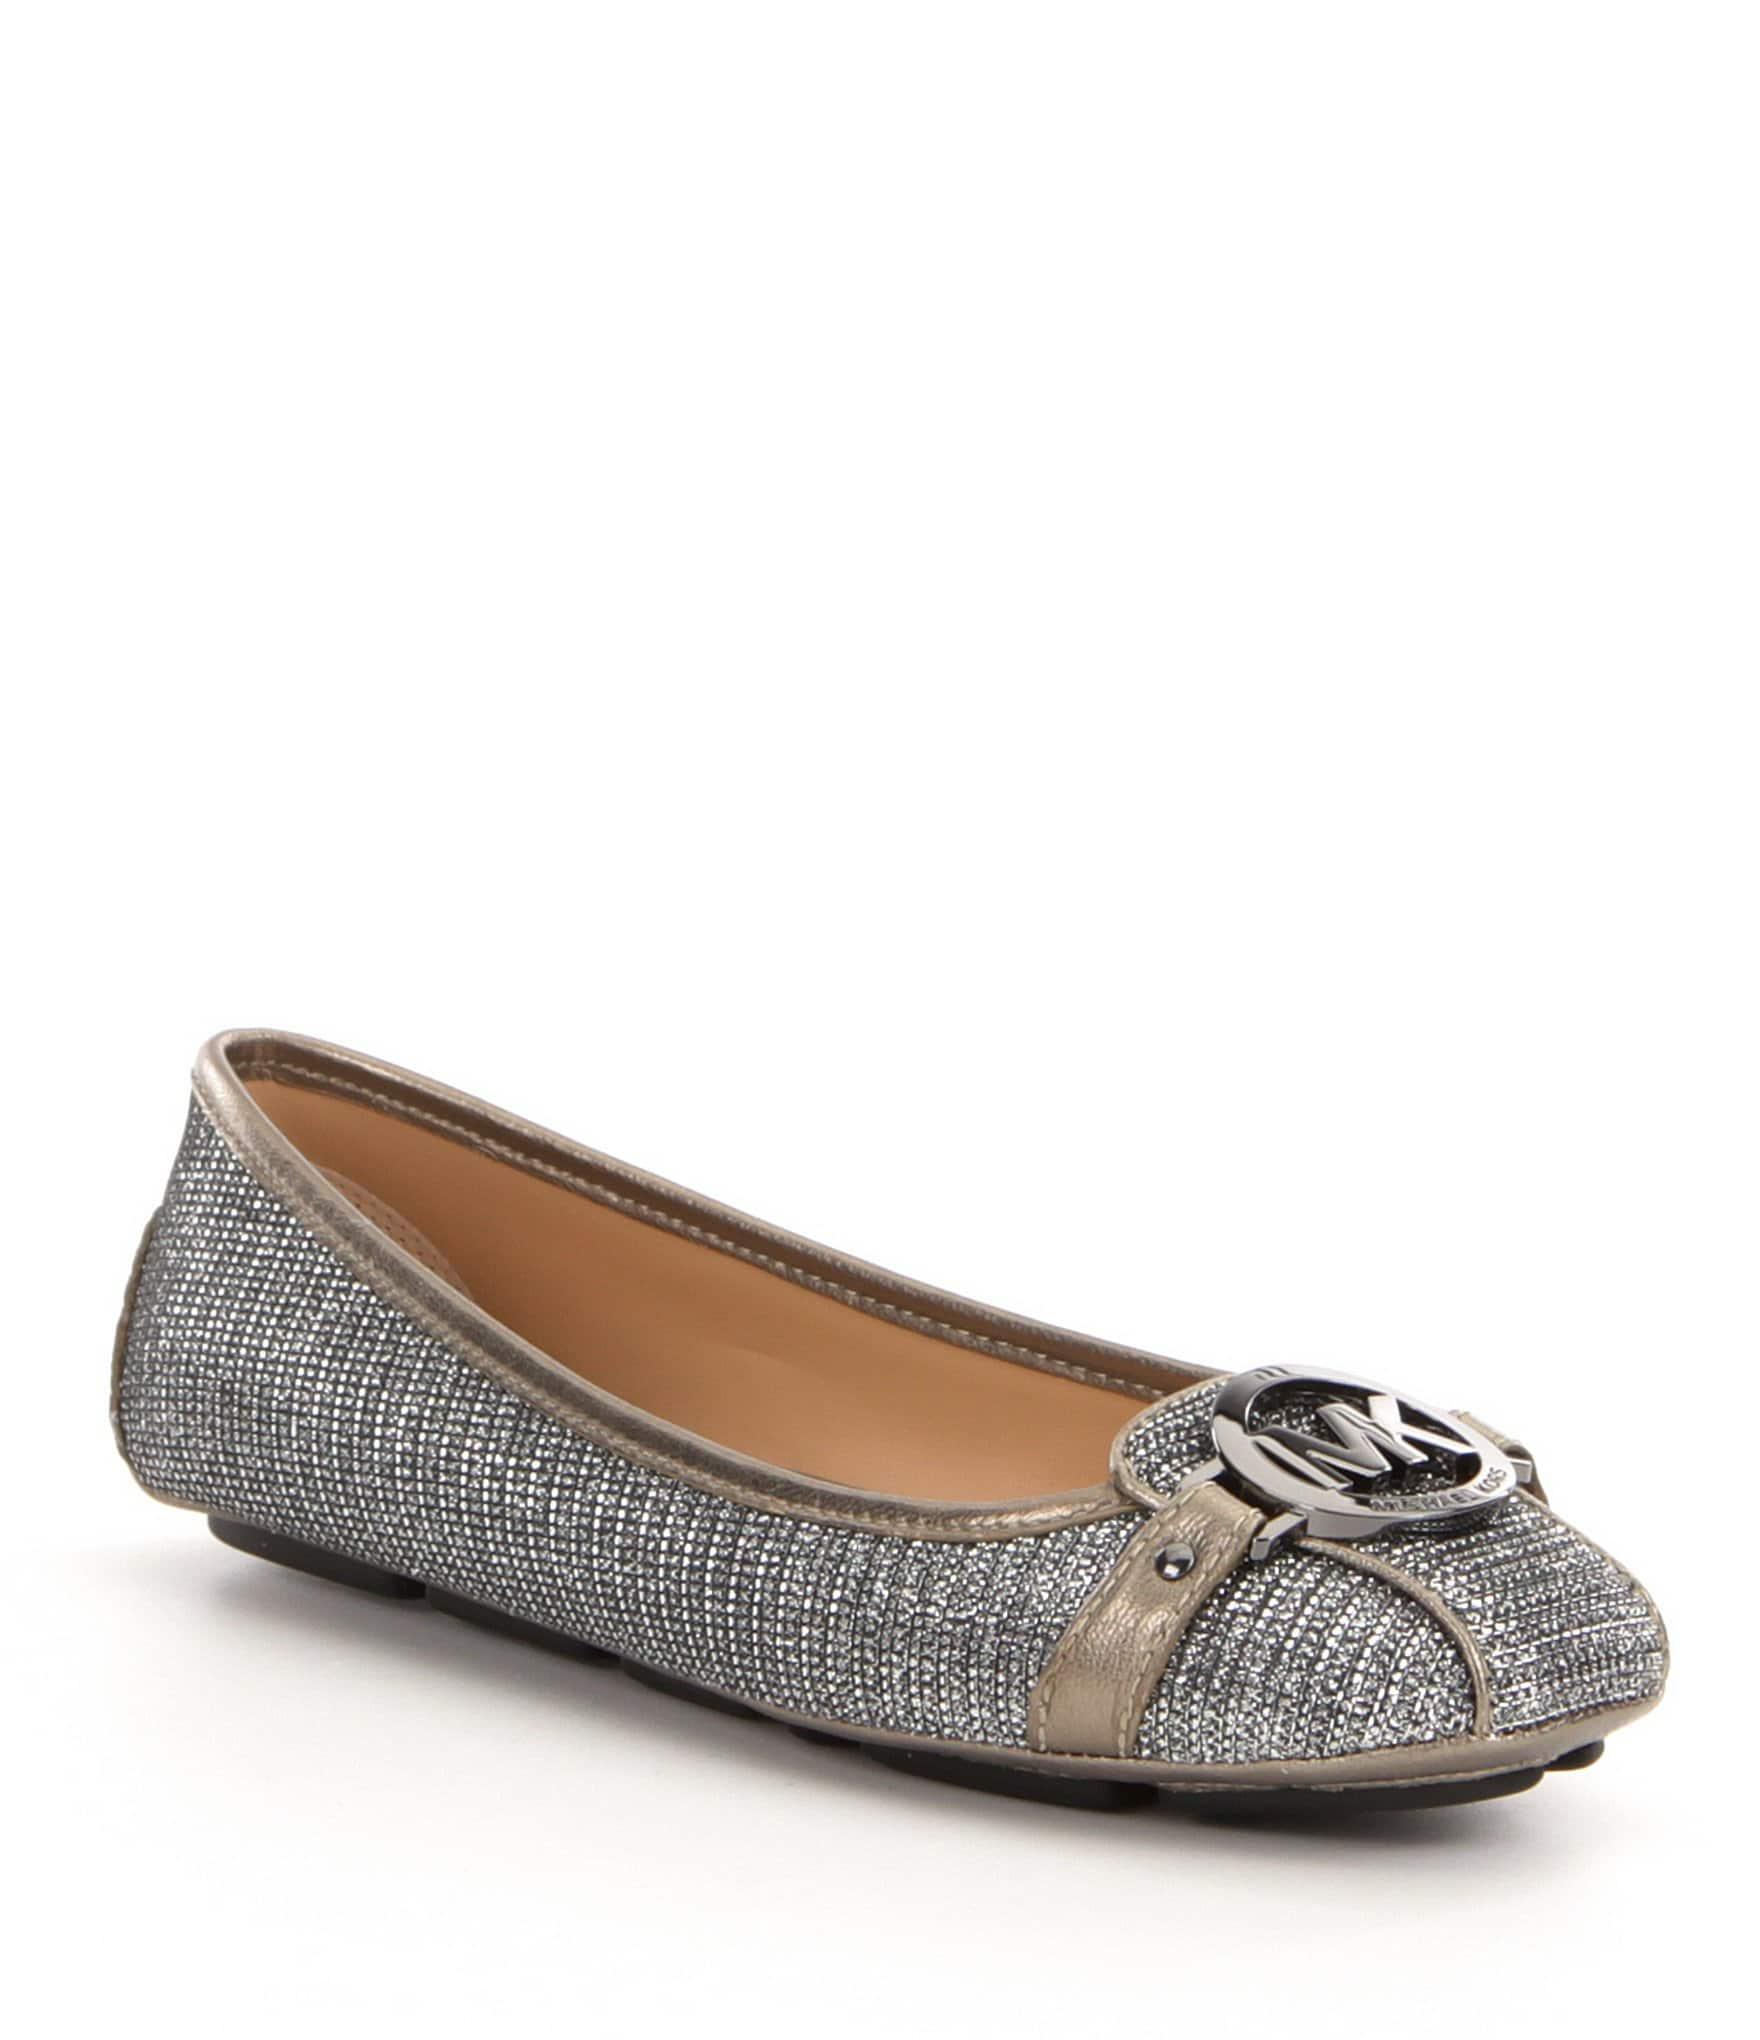 Michael Kors Shoes Sale Dillards